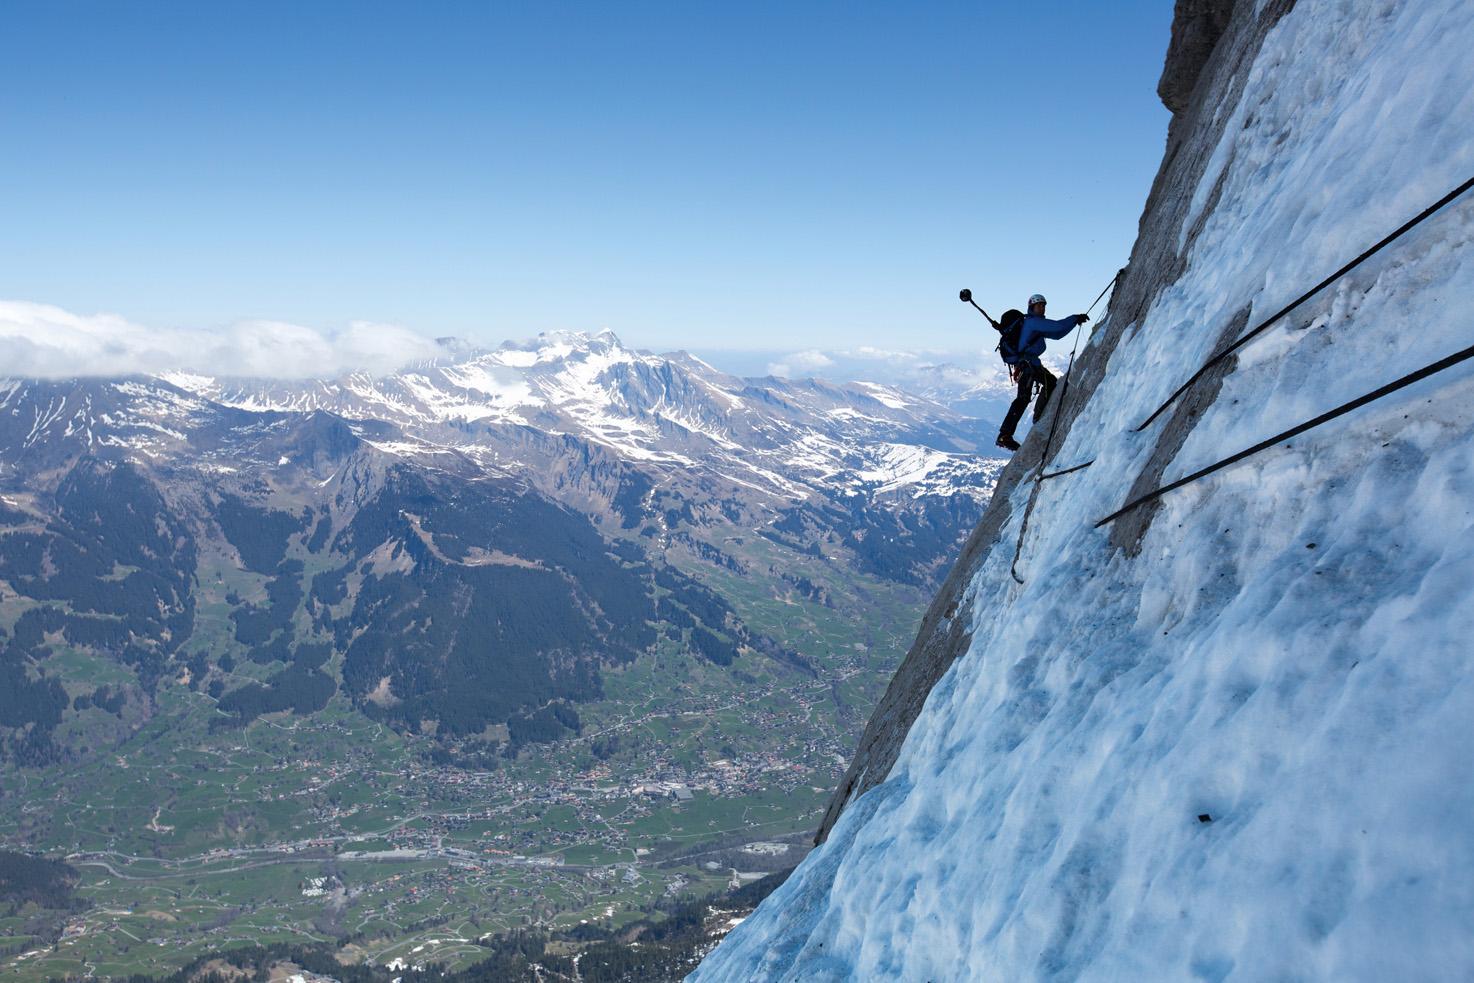 Klettersteig Eiger : Street view in der eiger nordwand bergsteigen